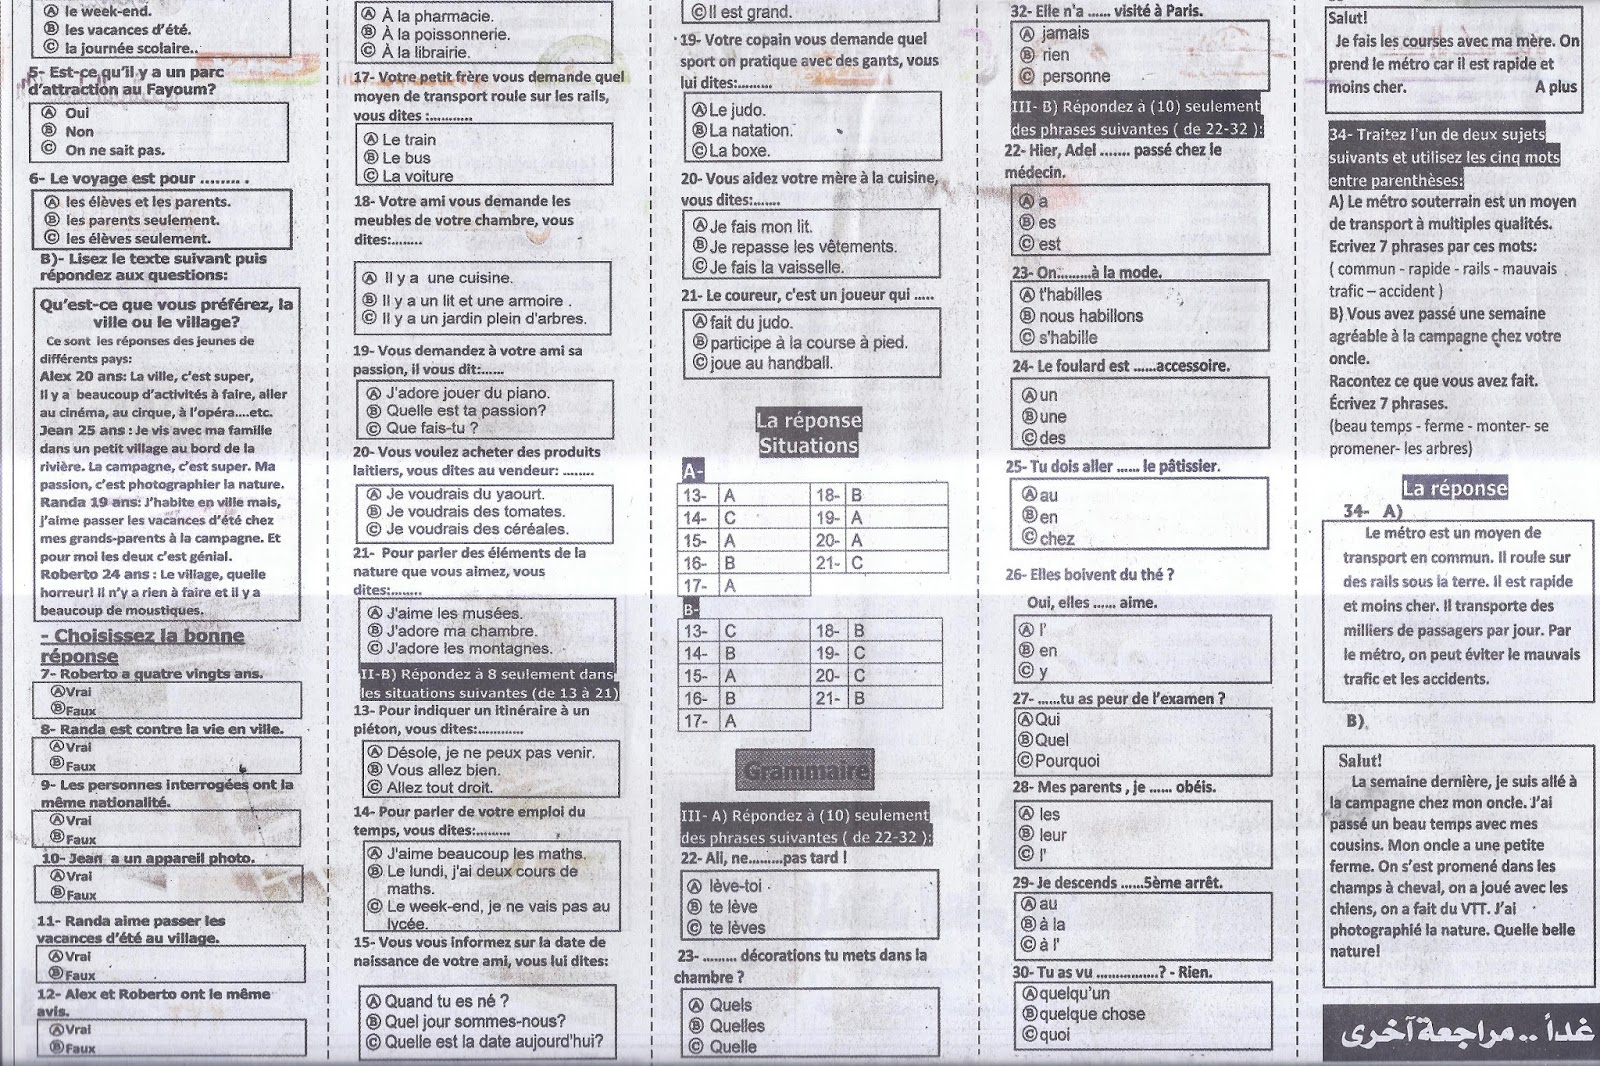 مراجعة ليلة امتحان الفرنساوي للثانوية العامة.. ملحق الجمهورية التعليمي 8